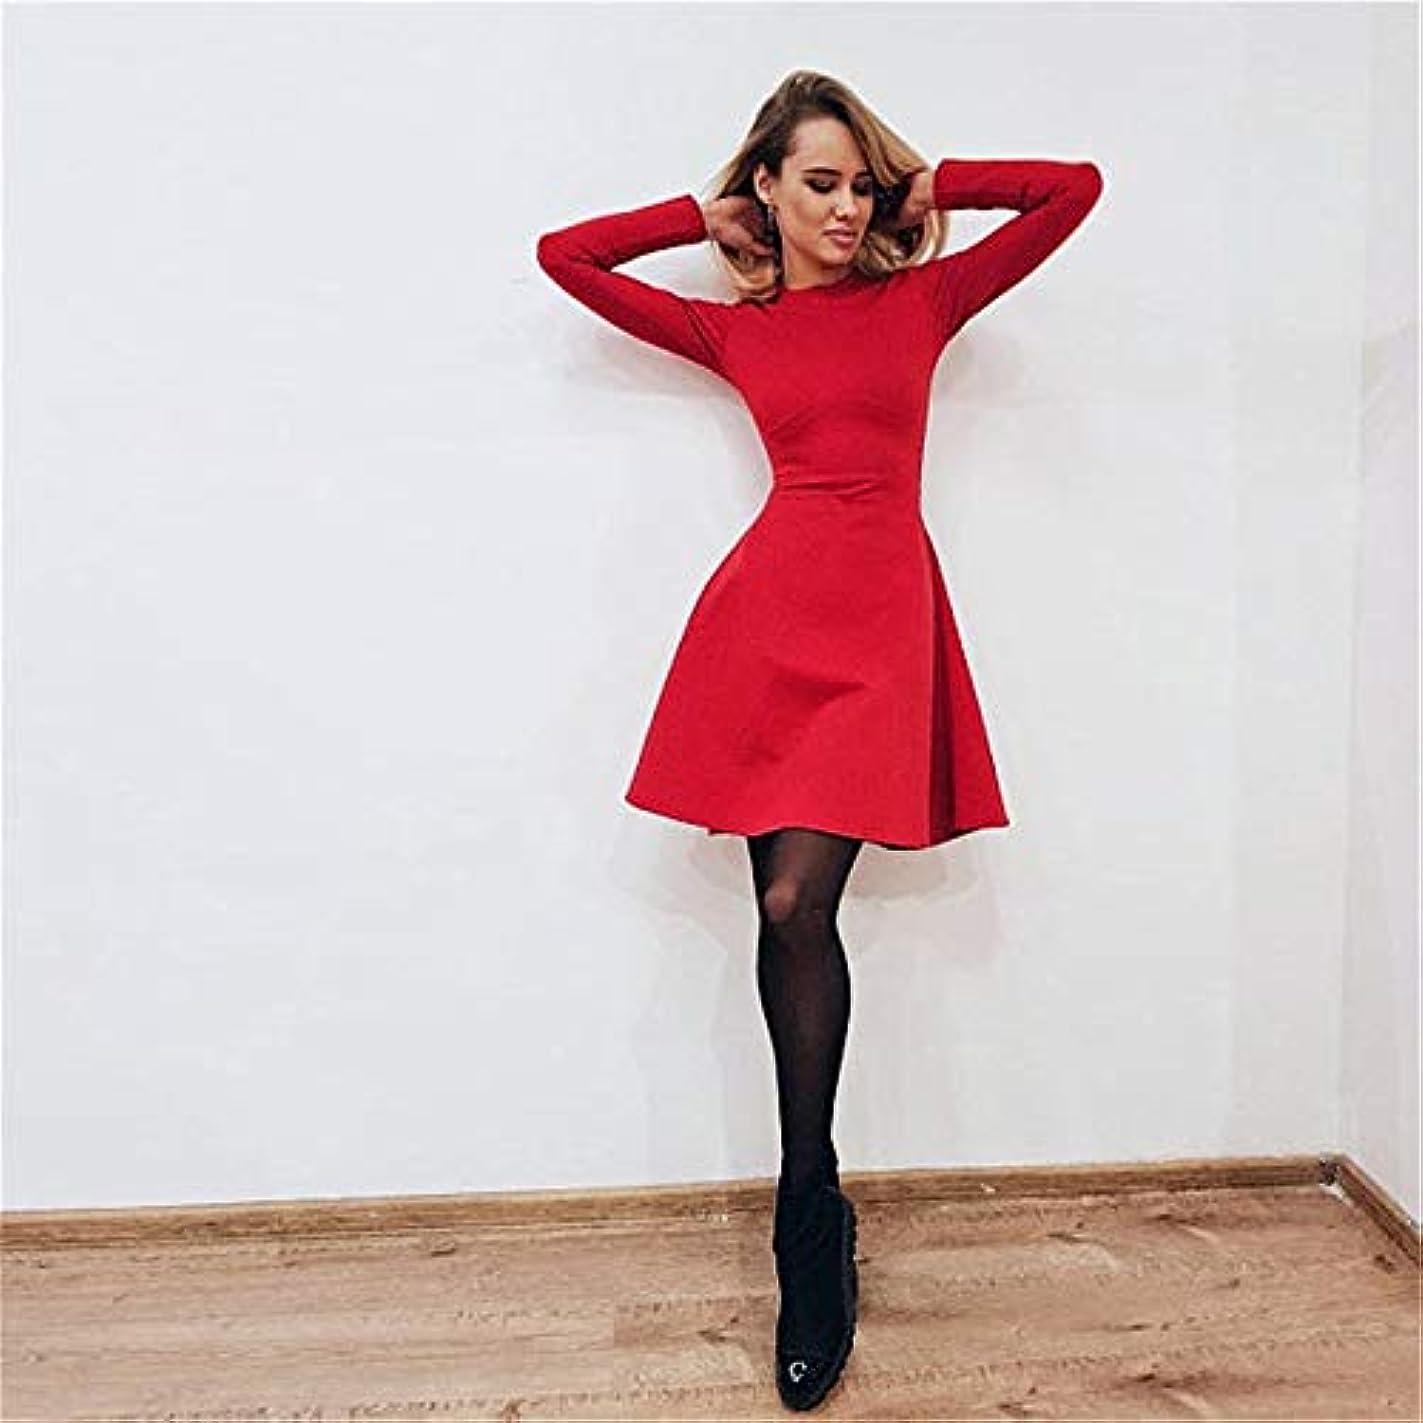 Onderroa - 秋と冬の新しい女性の長袖タイトフィットドレスの秋と冬のスリムでエレガントな品質のミニドレス